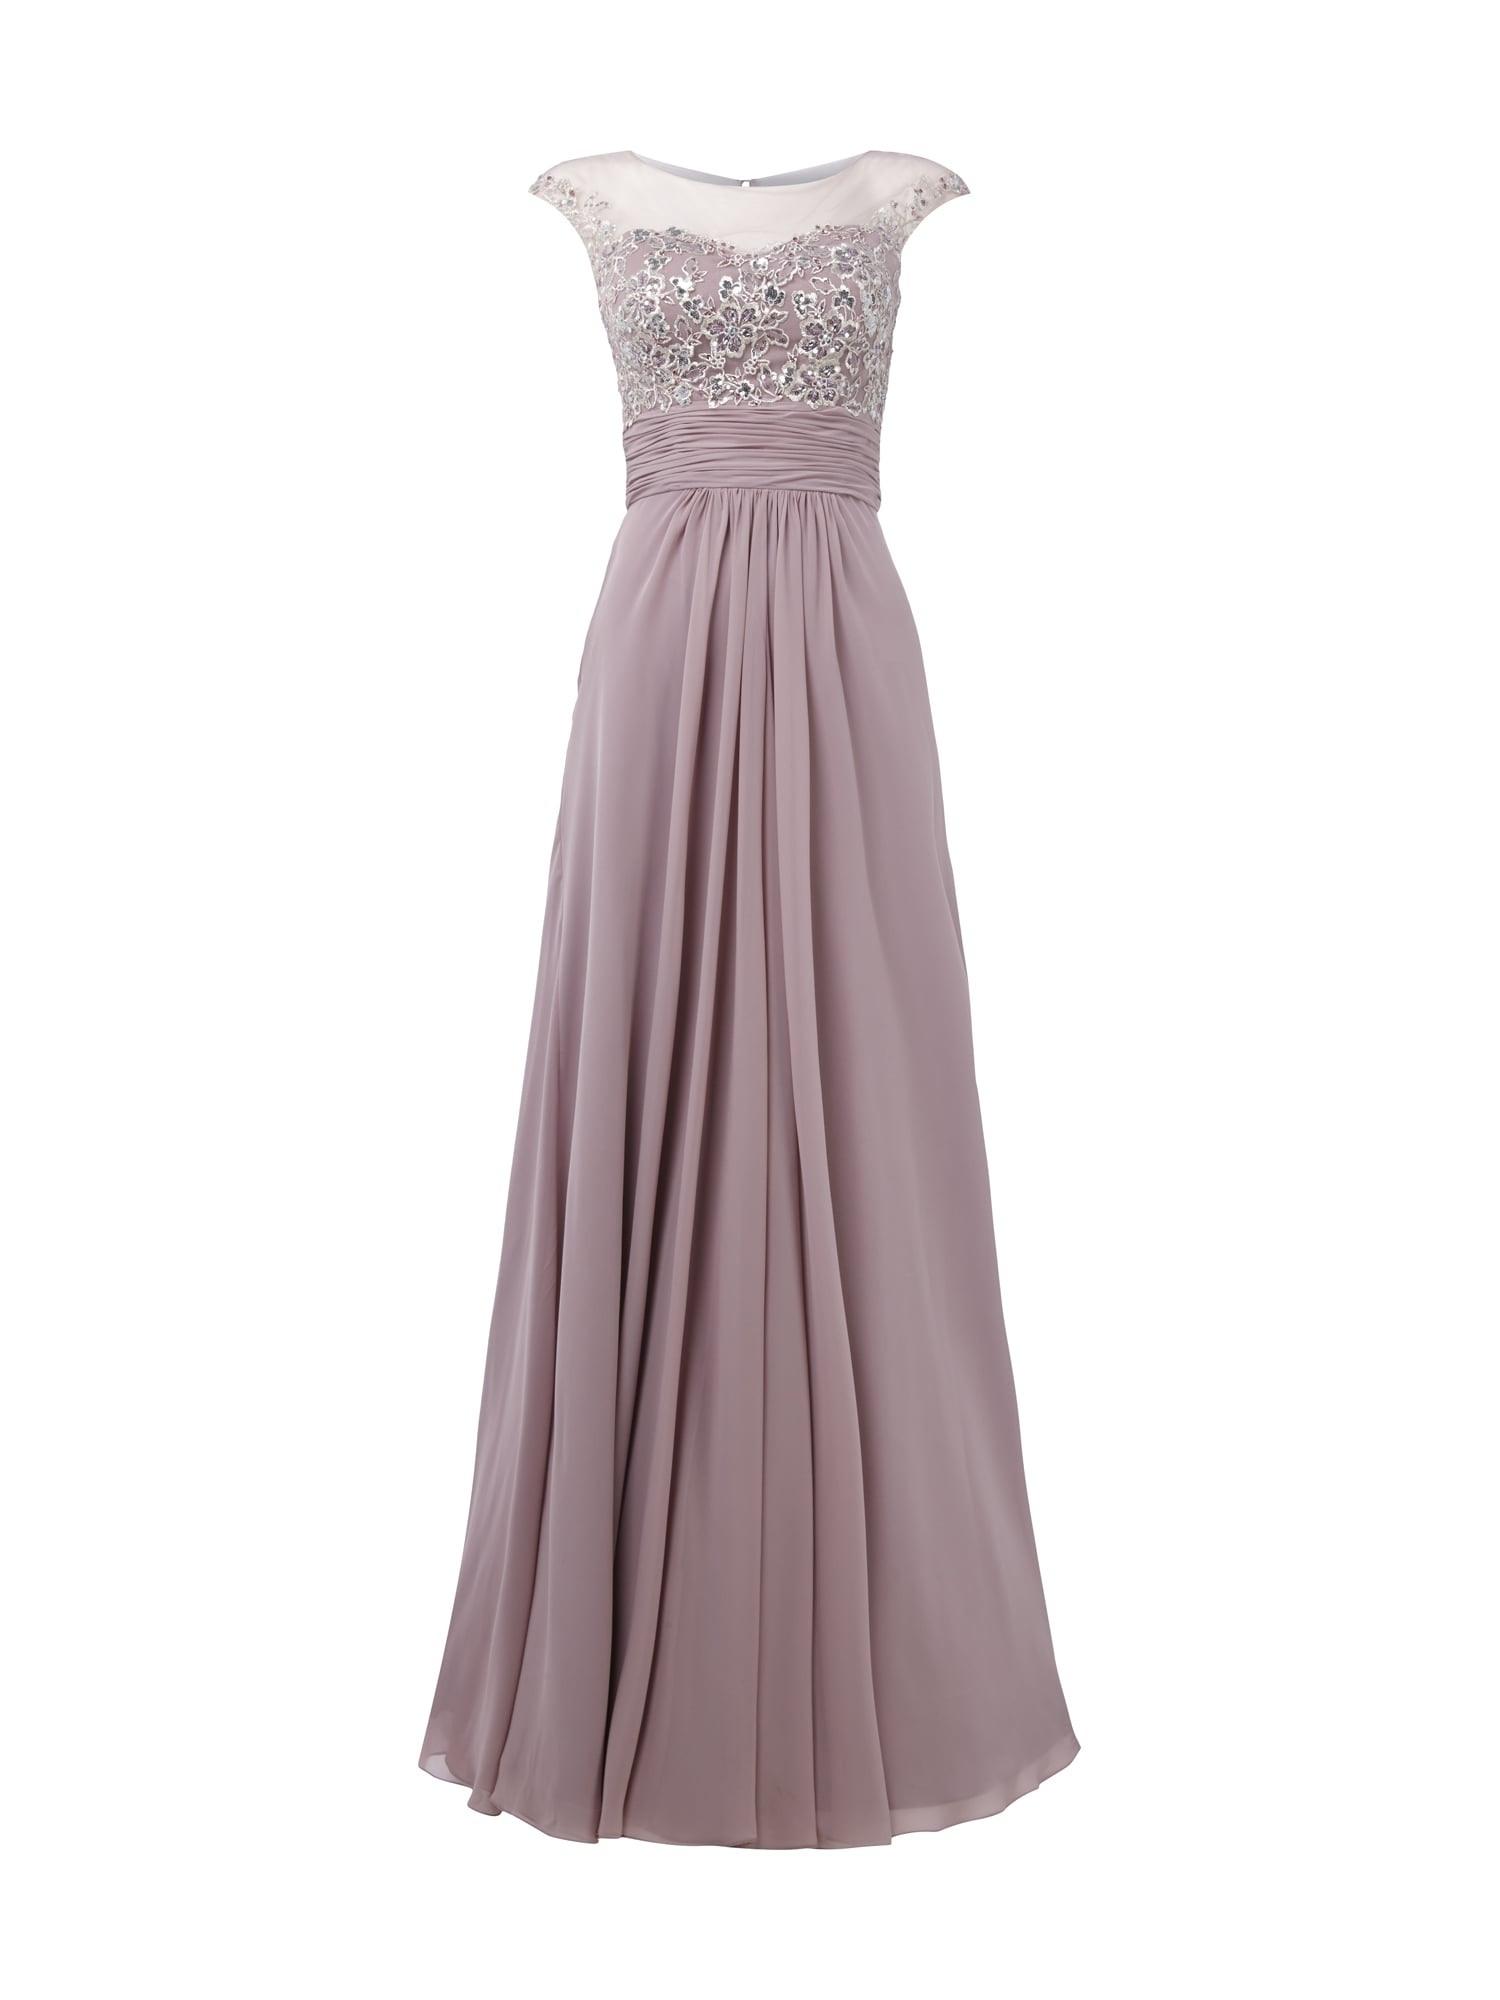 13 Leicht Abendkleid Taupe Vertrieb Erstaunlich Abendkleid Taupe Boutique